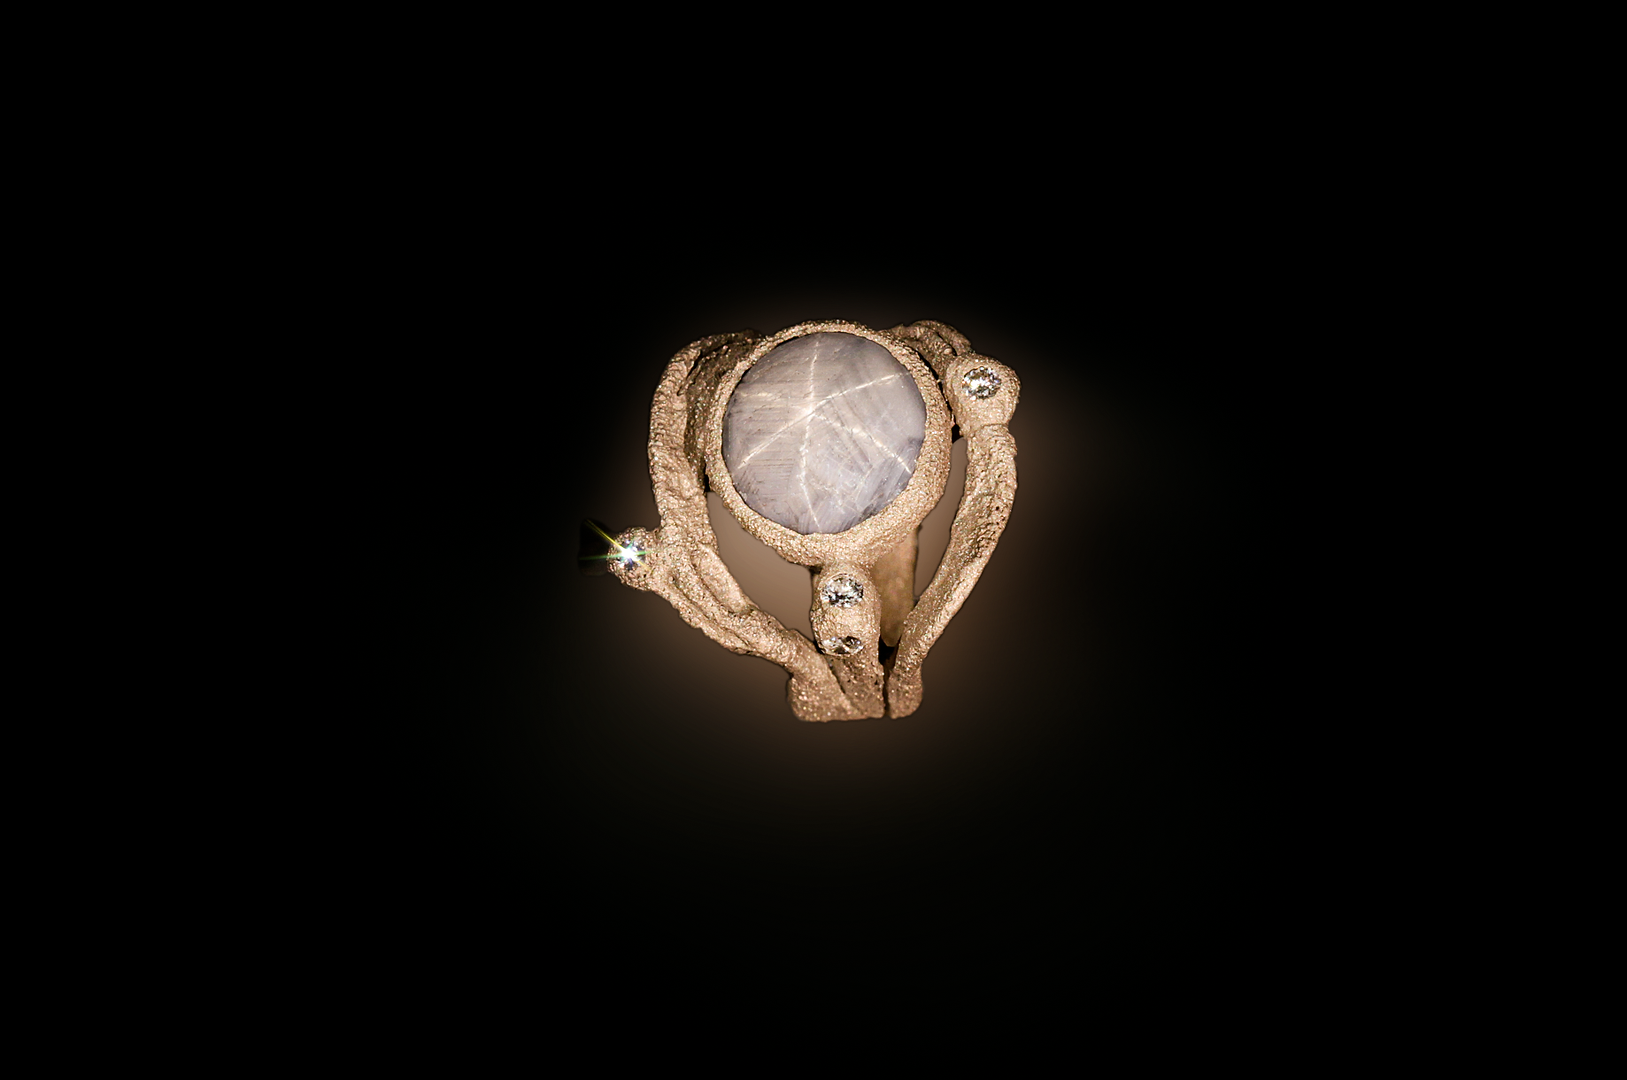 Anello in oro, diamanti e zaffiro stellato